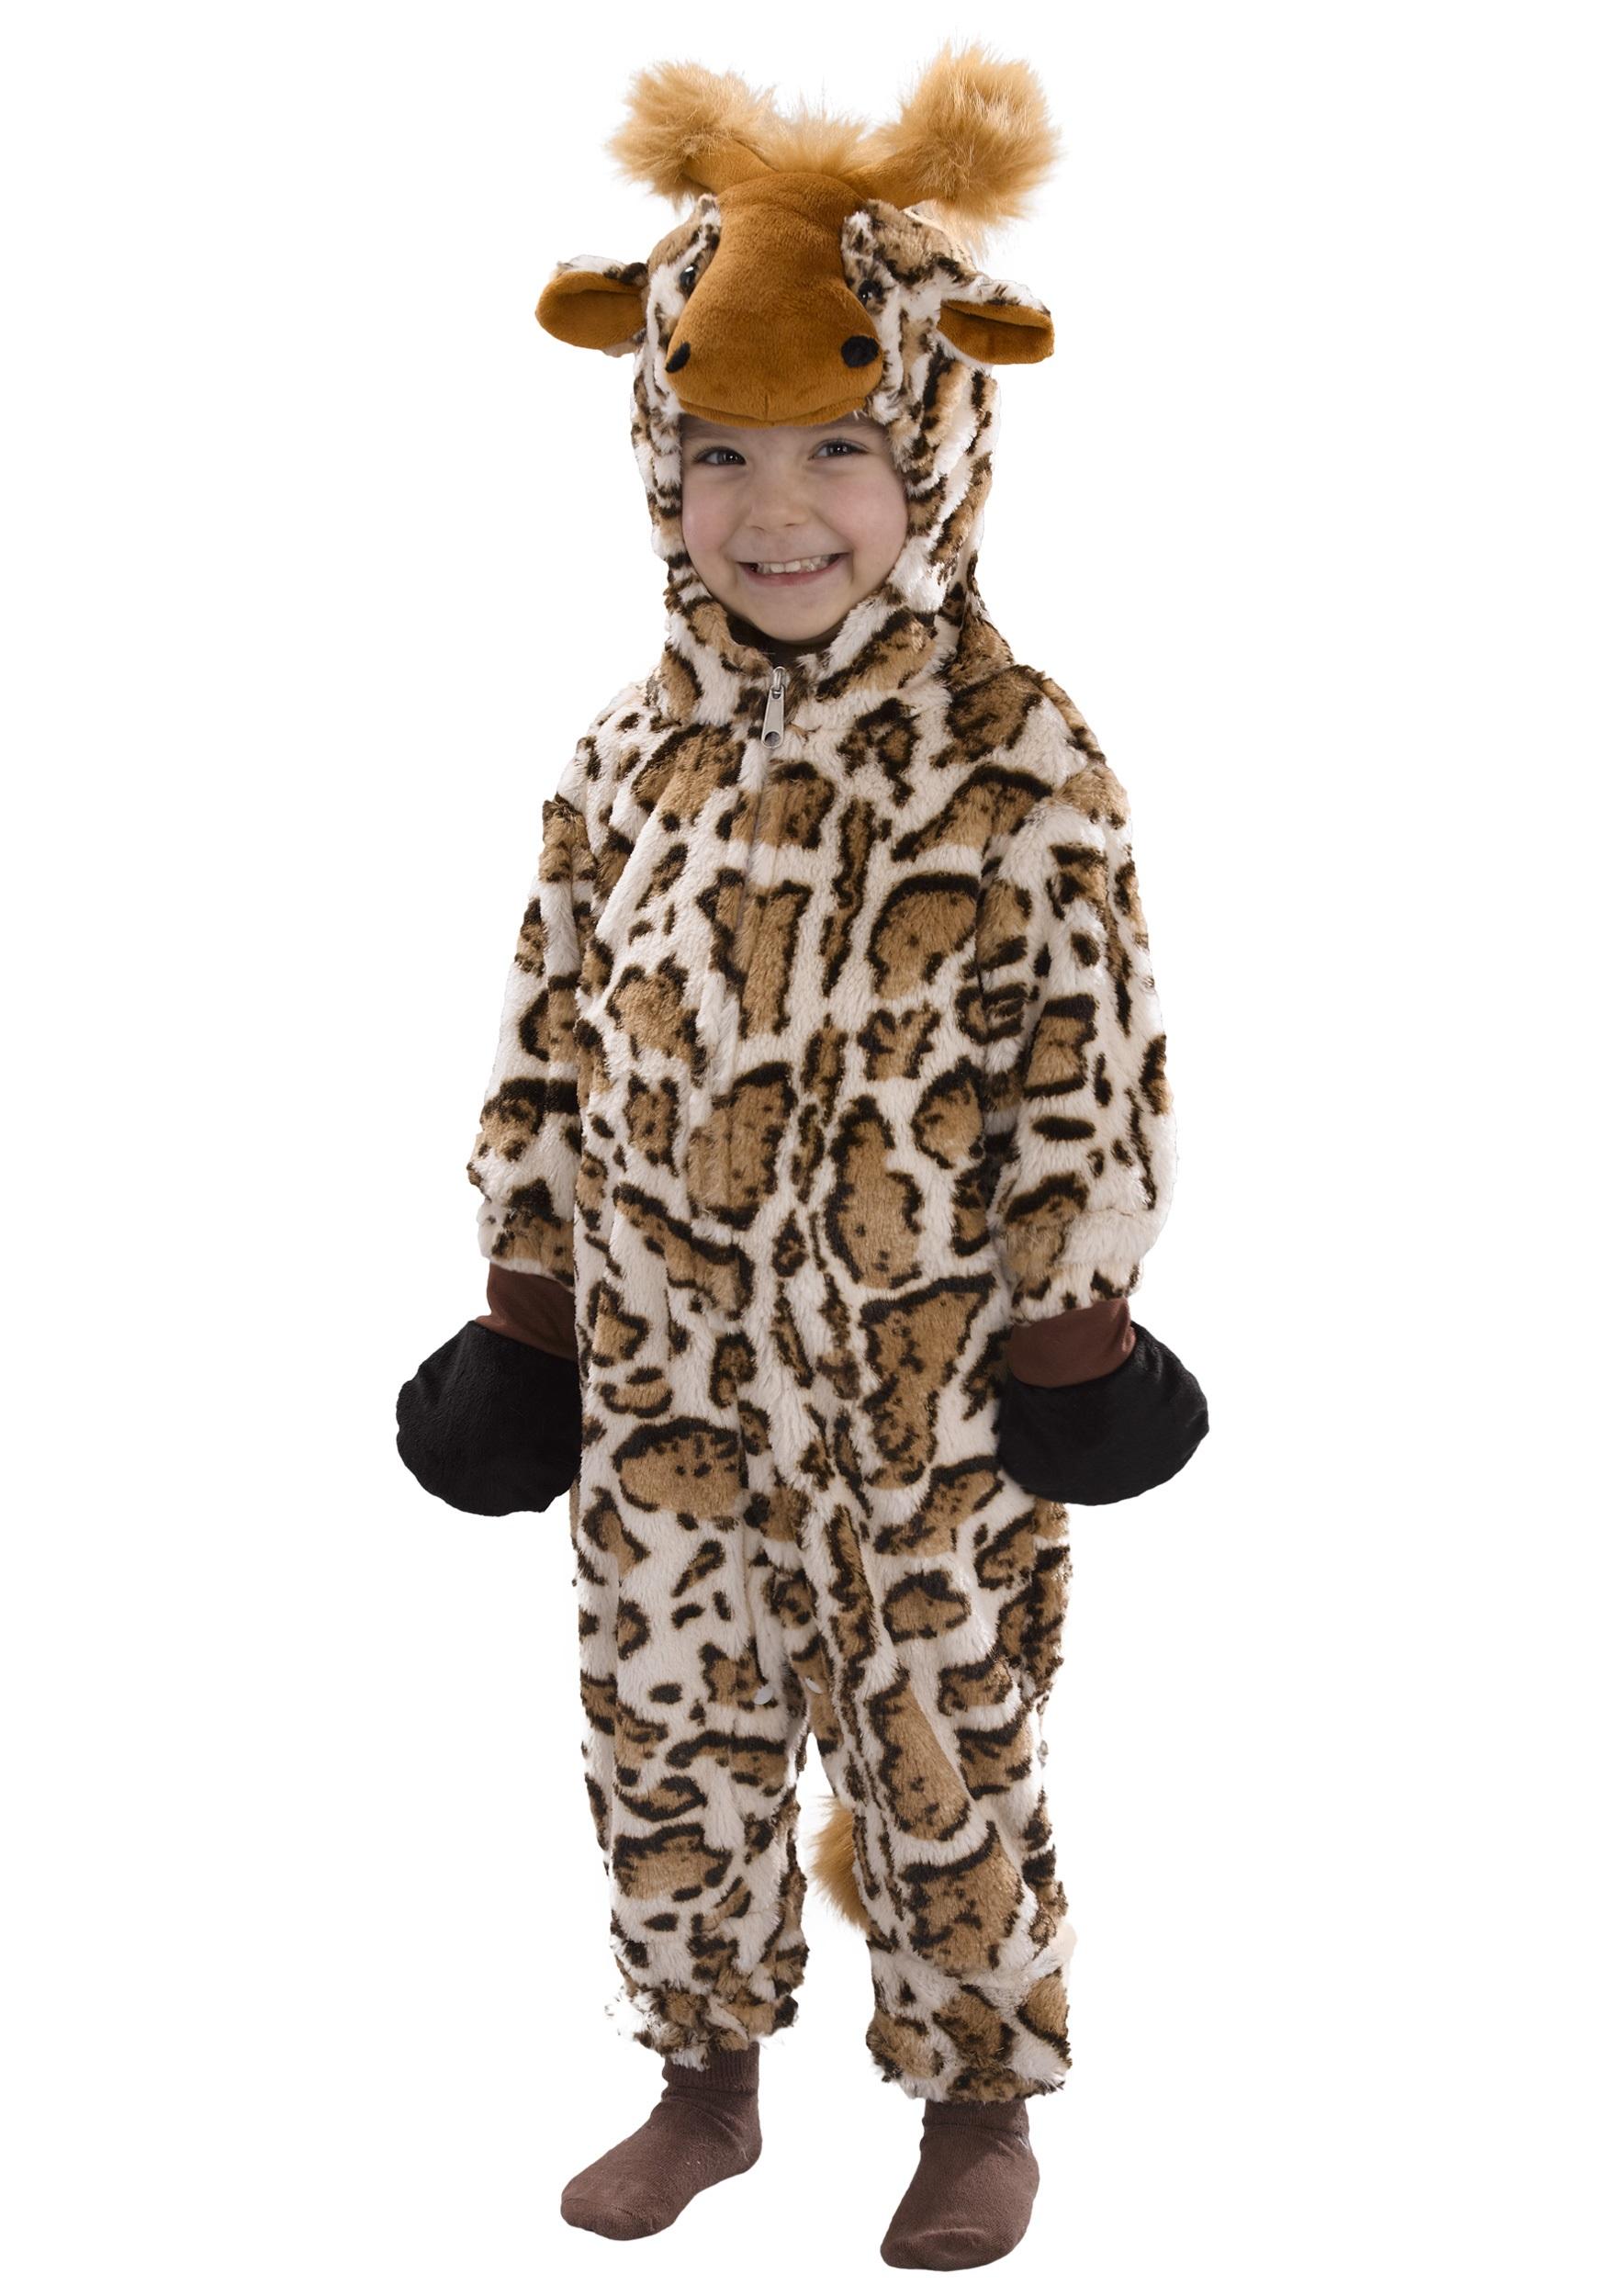 Toddler Giraffe Costume  sc 1 st  Halloween Costumes & Toddler Giraffe Costume - Halloween Costumes